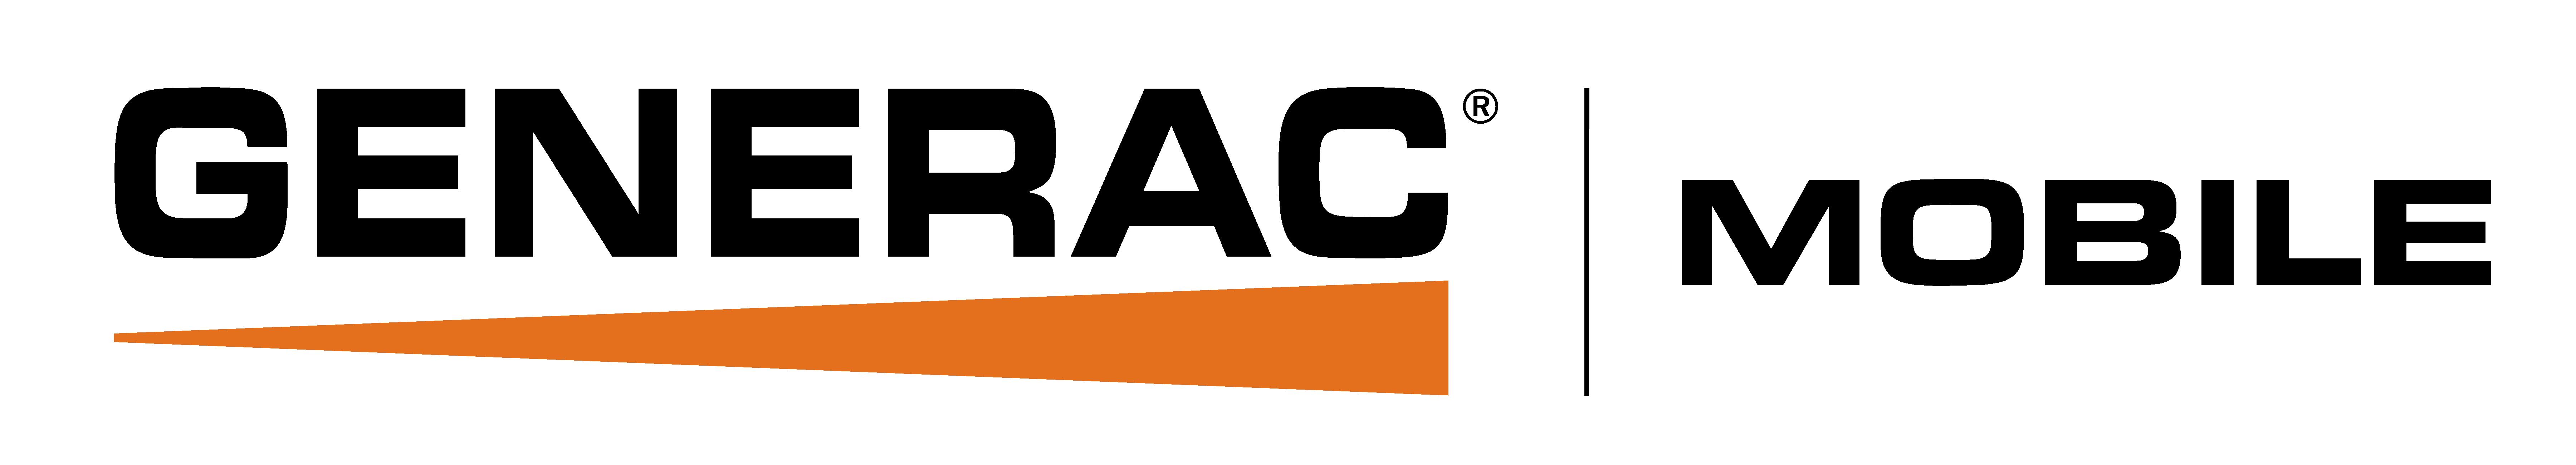 generac-mobile-logo.png